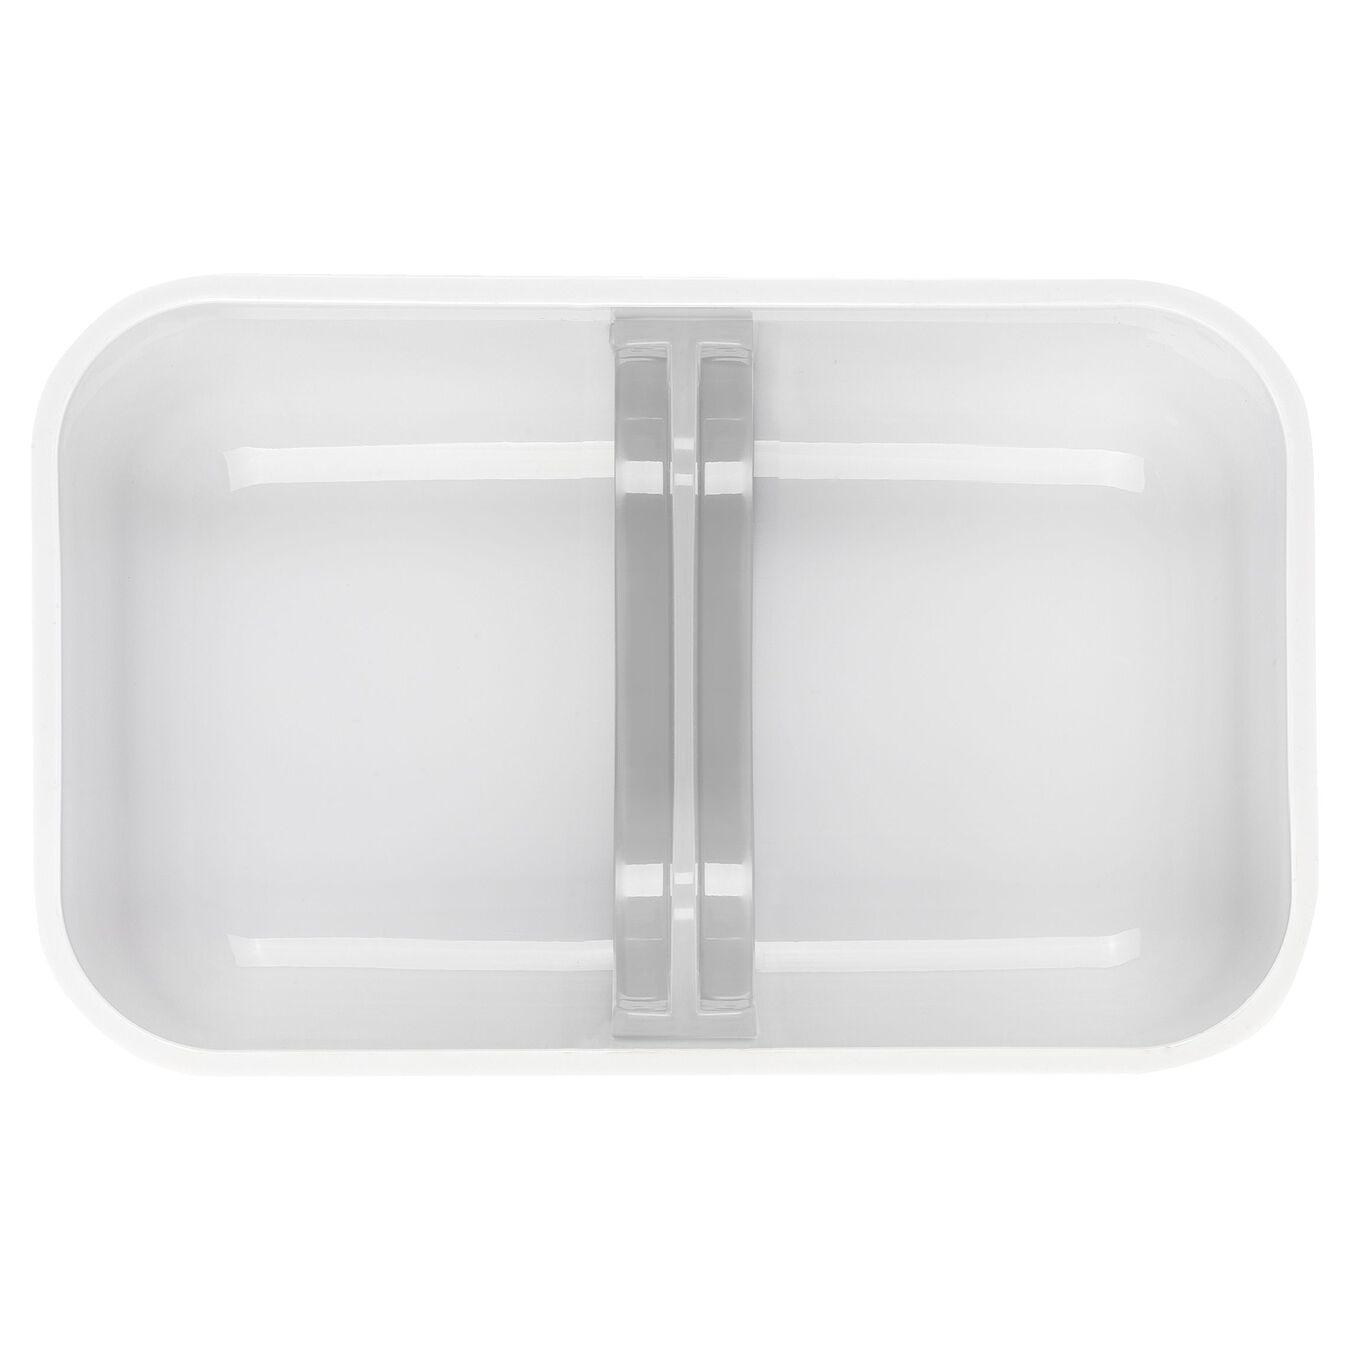 Vacuum lunch box, medium, Plastic, White,,large 4